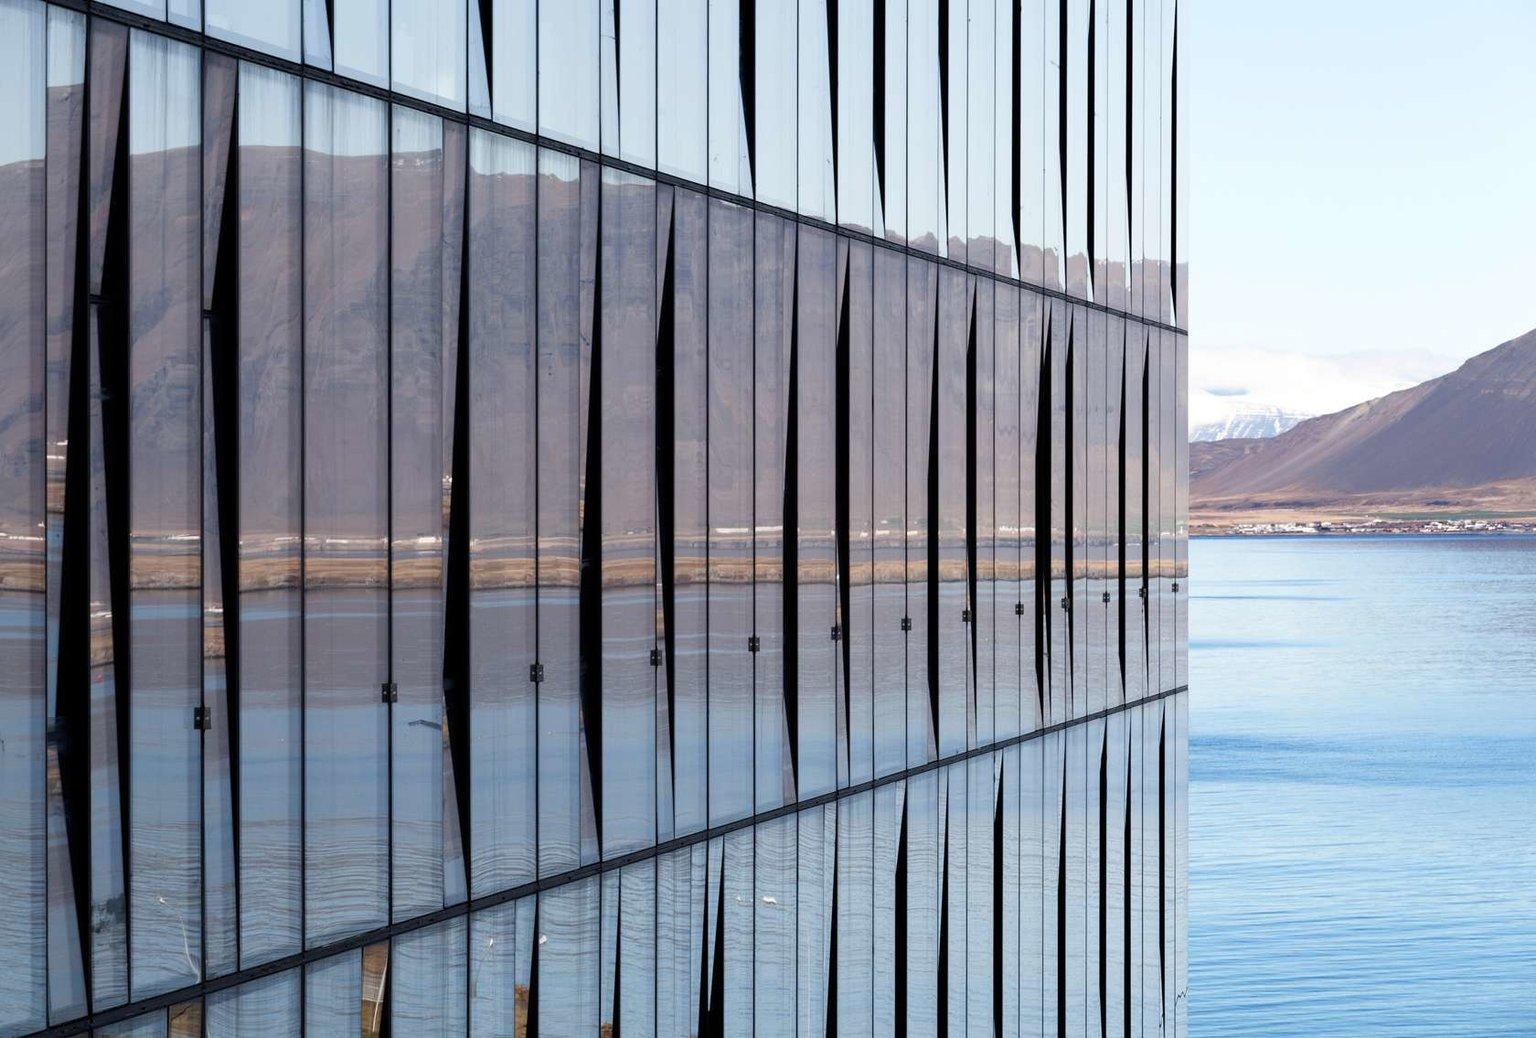 33 kiet tac kien truc ma ban nen nhin ngam mot lan trong cuoc doi 20 - 33 kiệt tác kiến trúc mà bạn nên nhìn ngắm một lần trong cuộc đời